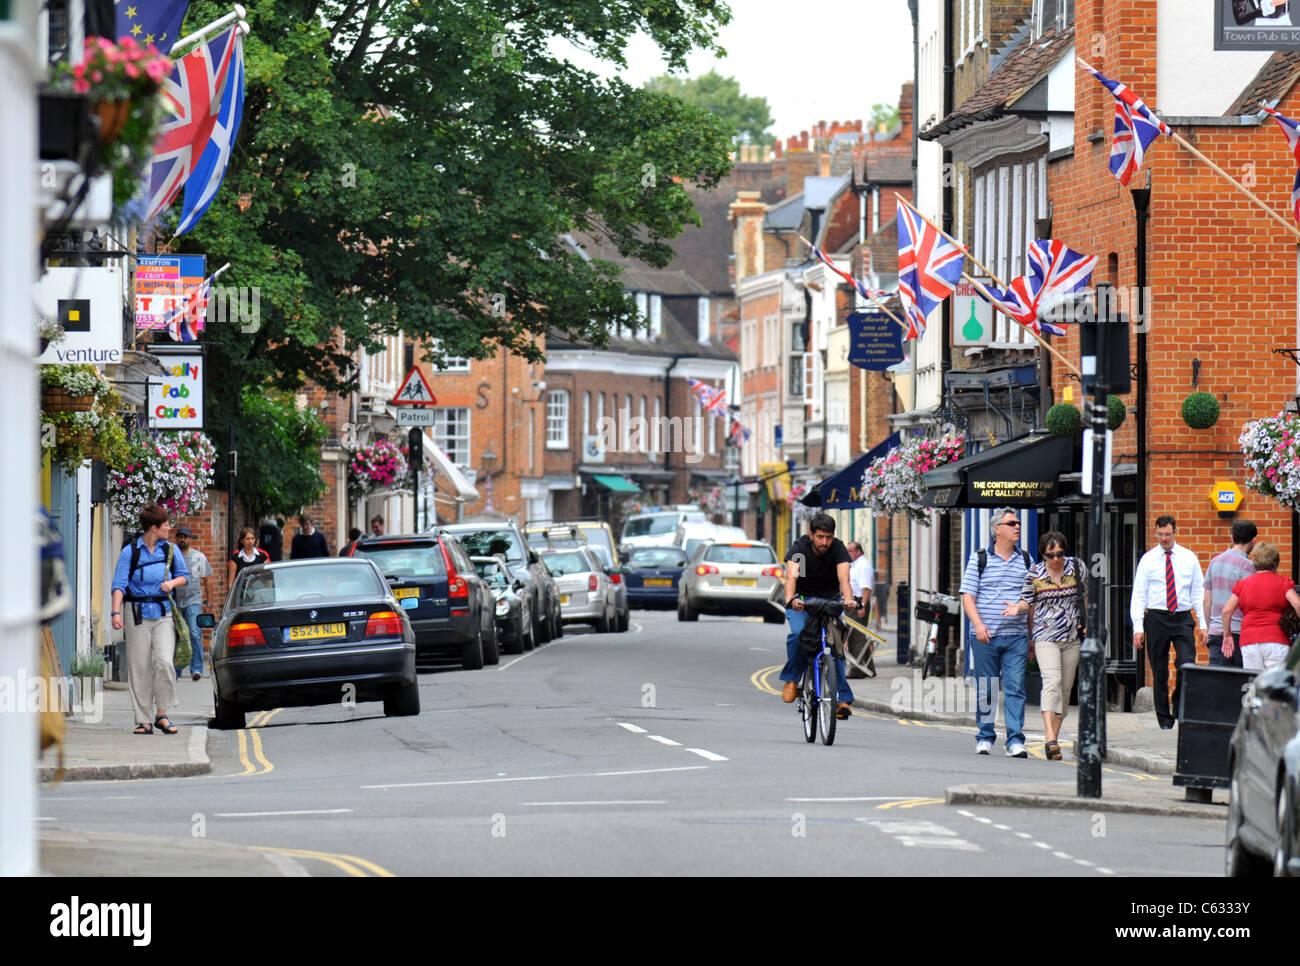 Eton High Street, Eton, Berkshire, Britain, UK - Stock Image